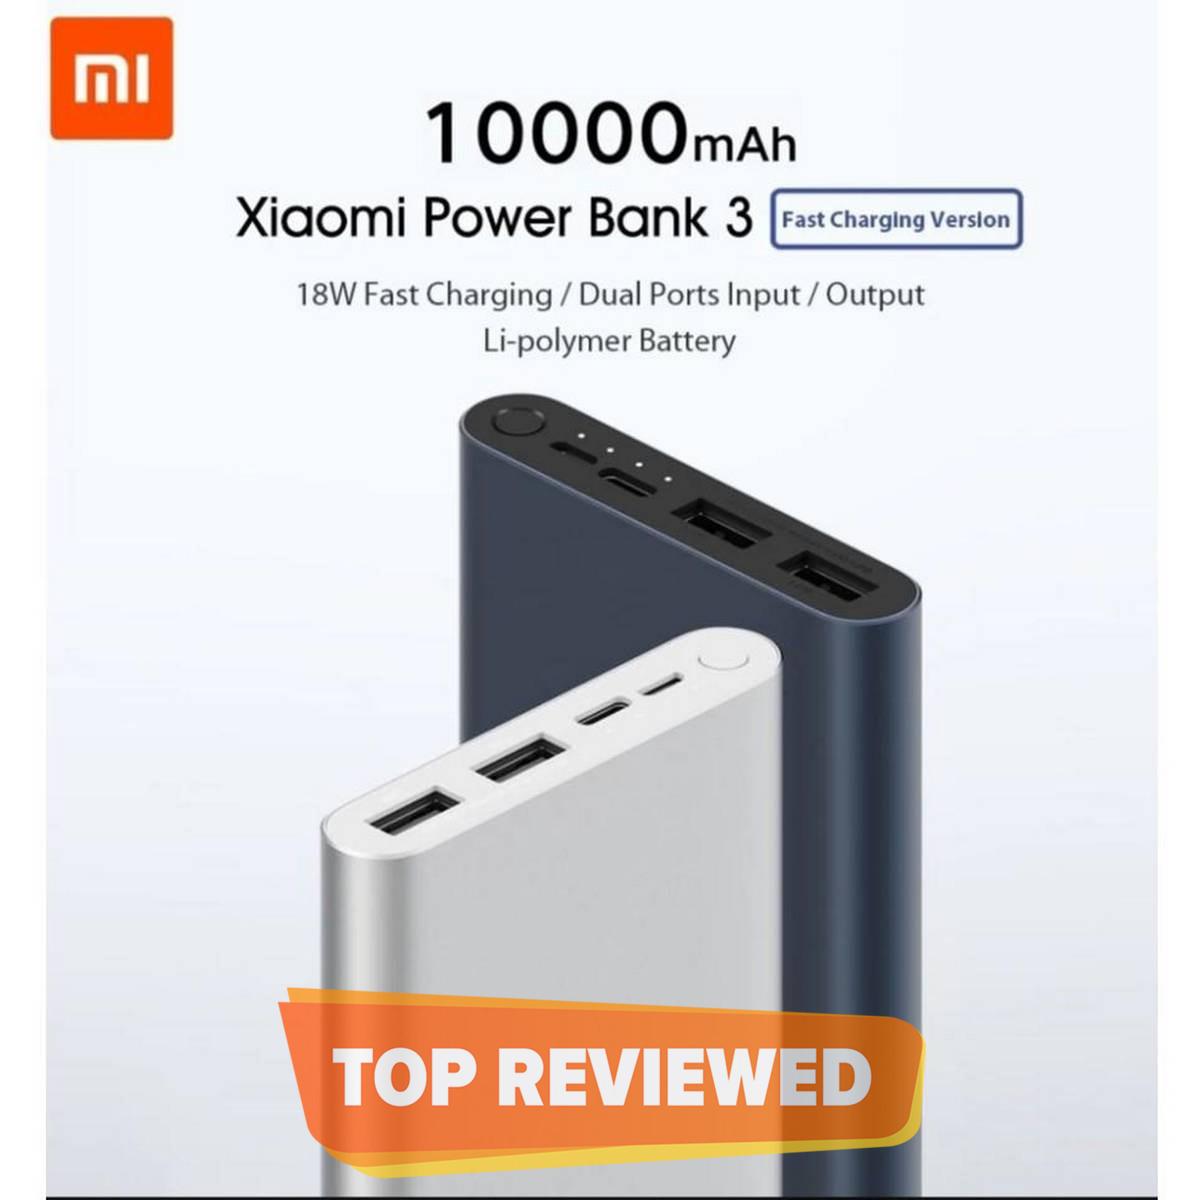 Mi POWER BANK 3 10000 mah WITH 2 INPUT AND 2 OUTPUT QC3.0 (FAST CHARGING) - MI XIAOMI ORIGINAL